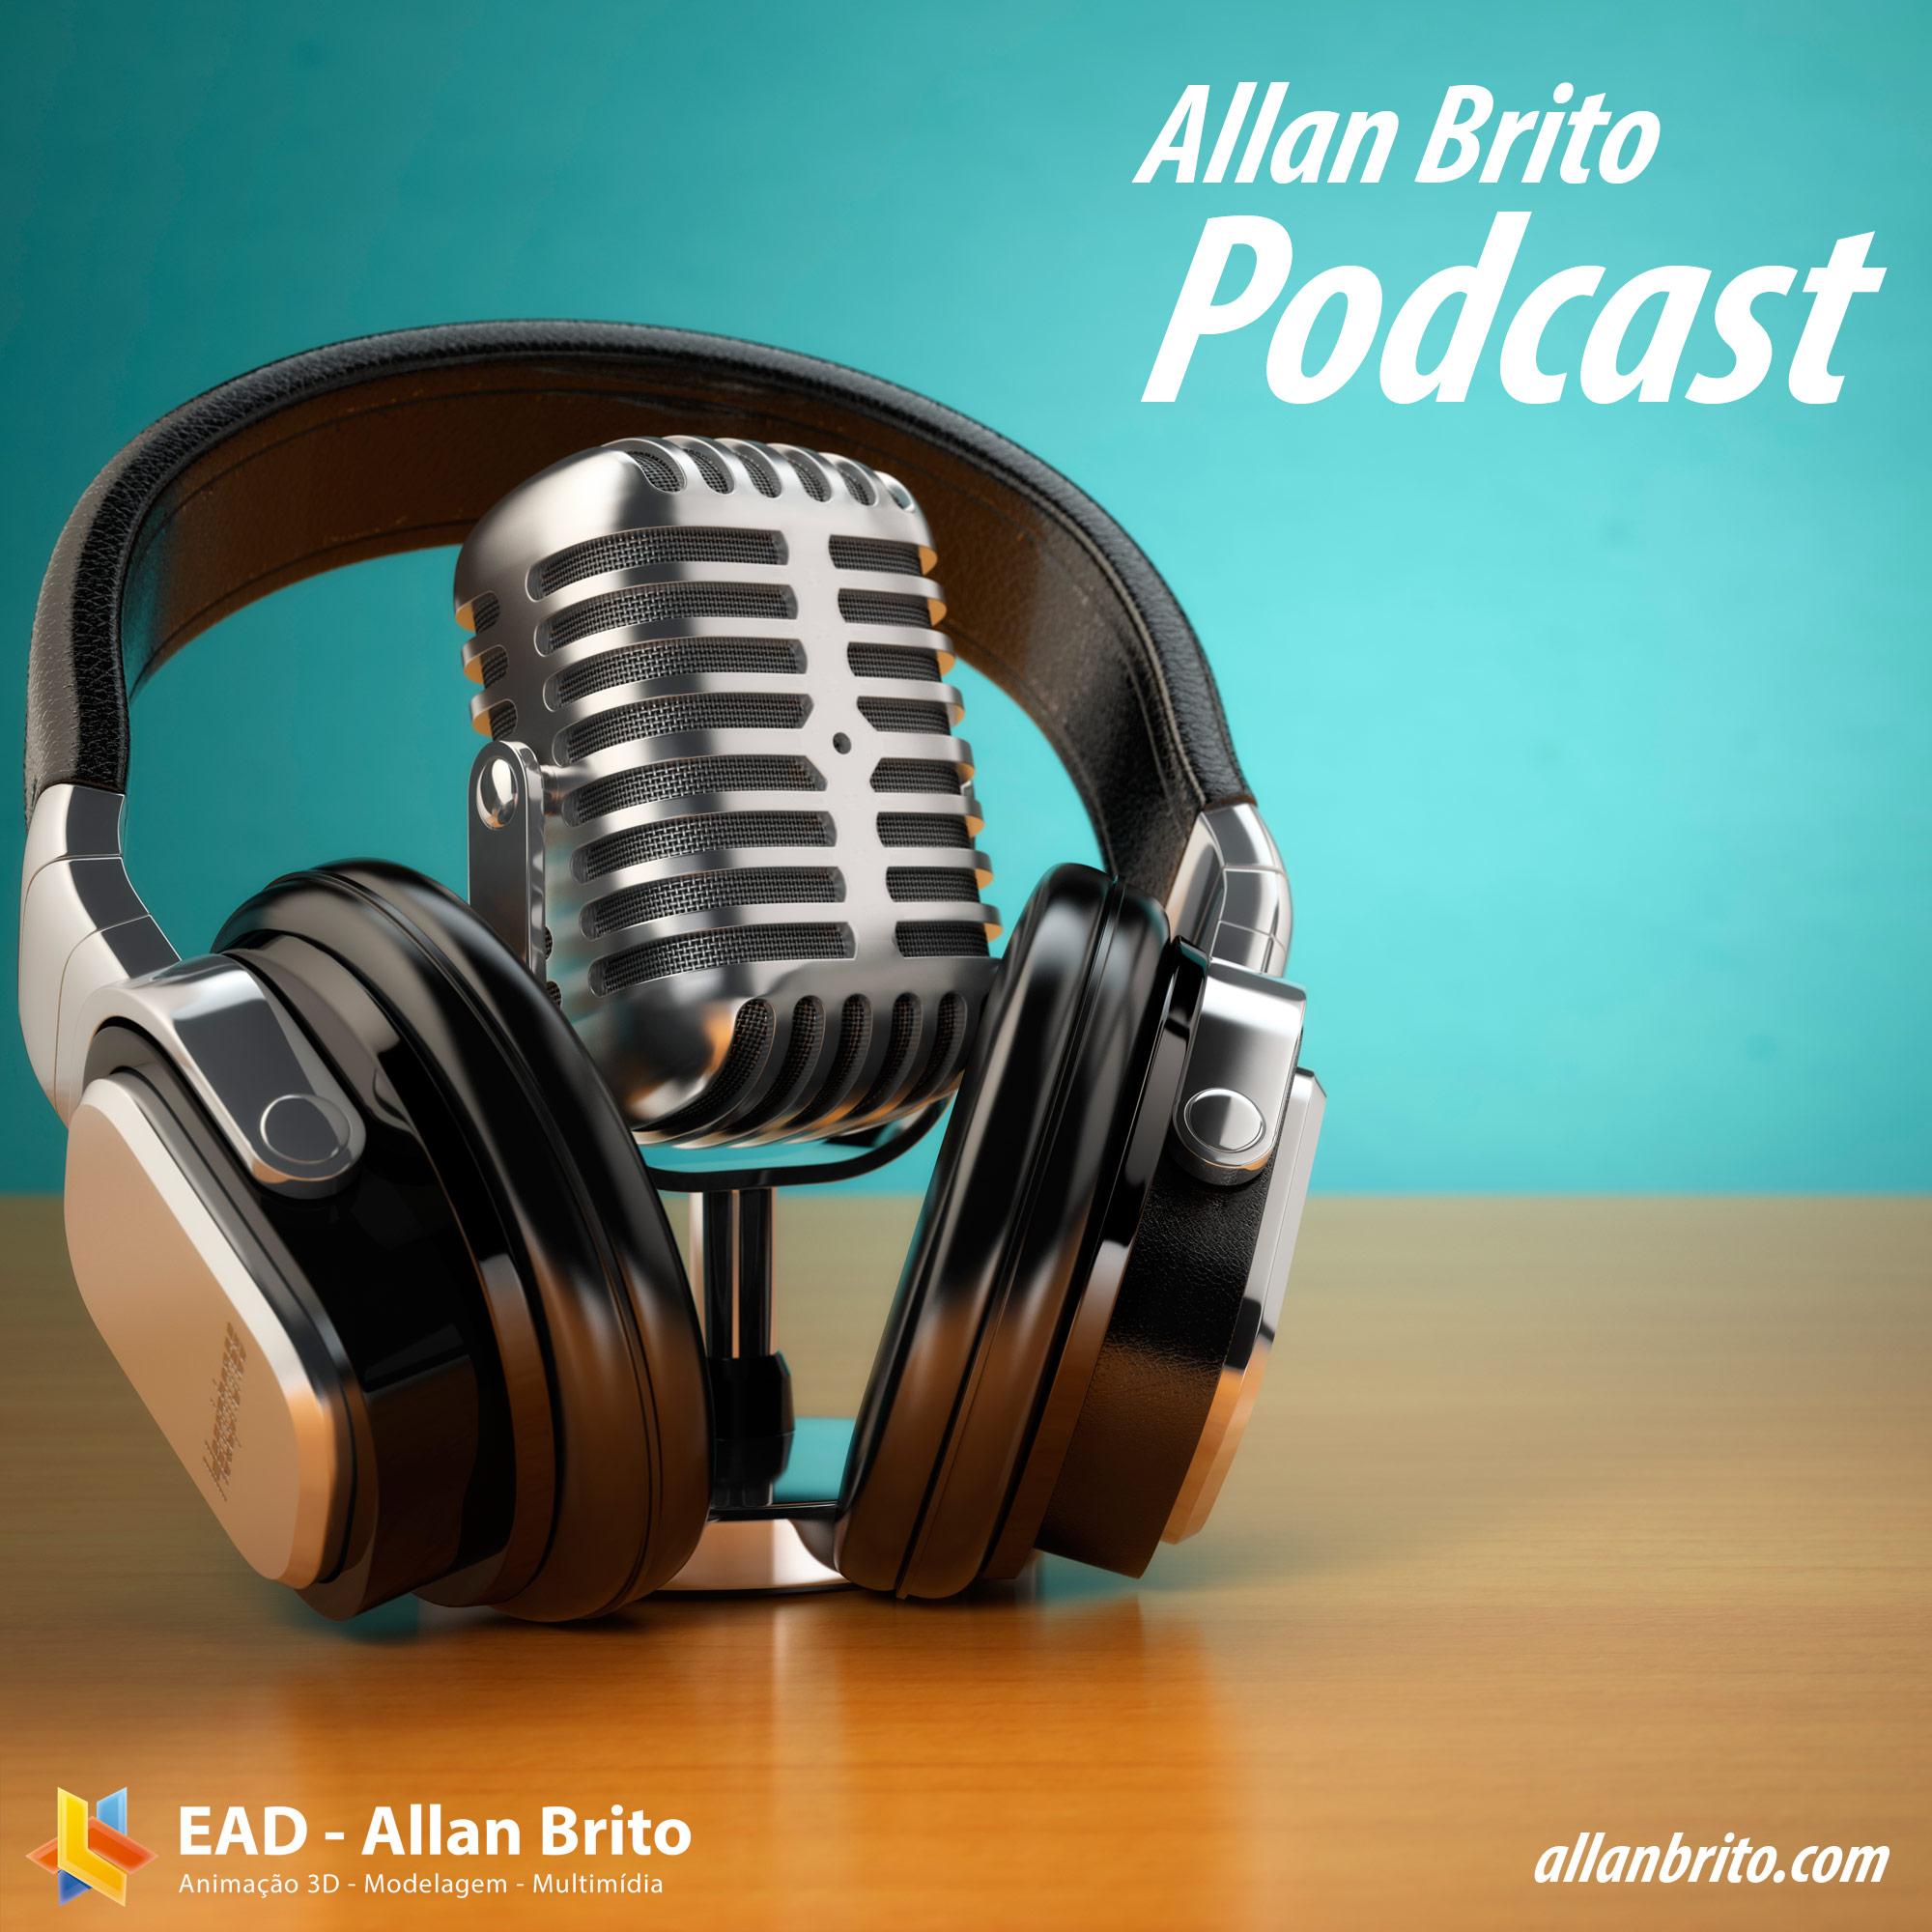 Allan Brito Podcast 005: Arnold Render na Autodesk, GPU render com AMD e Level design